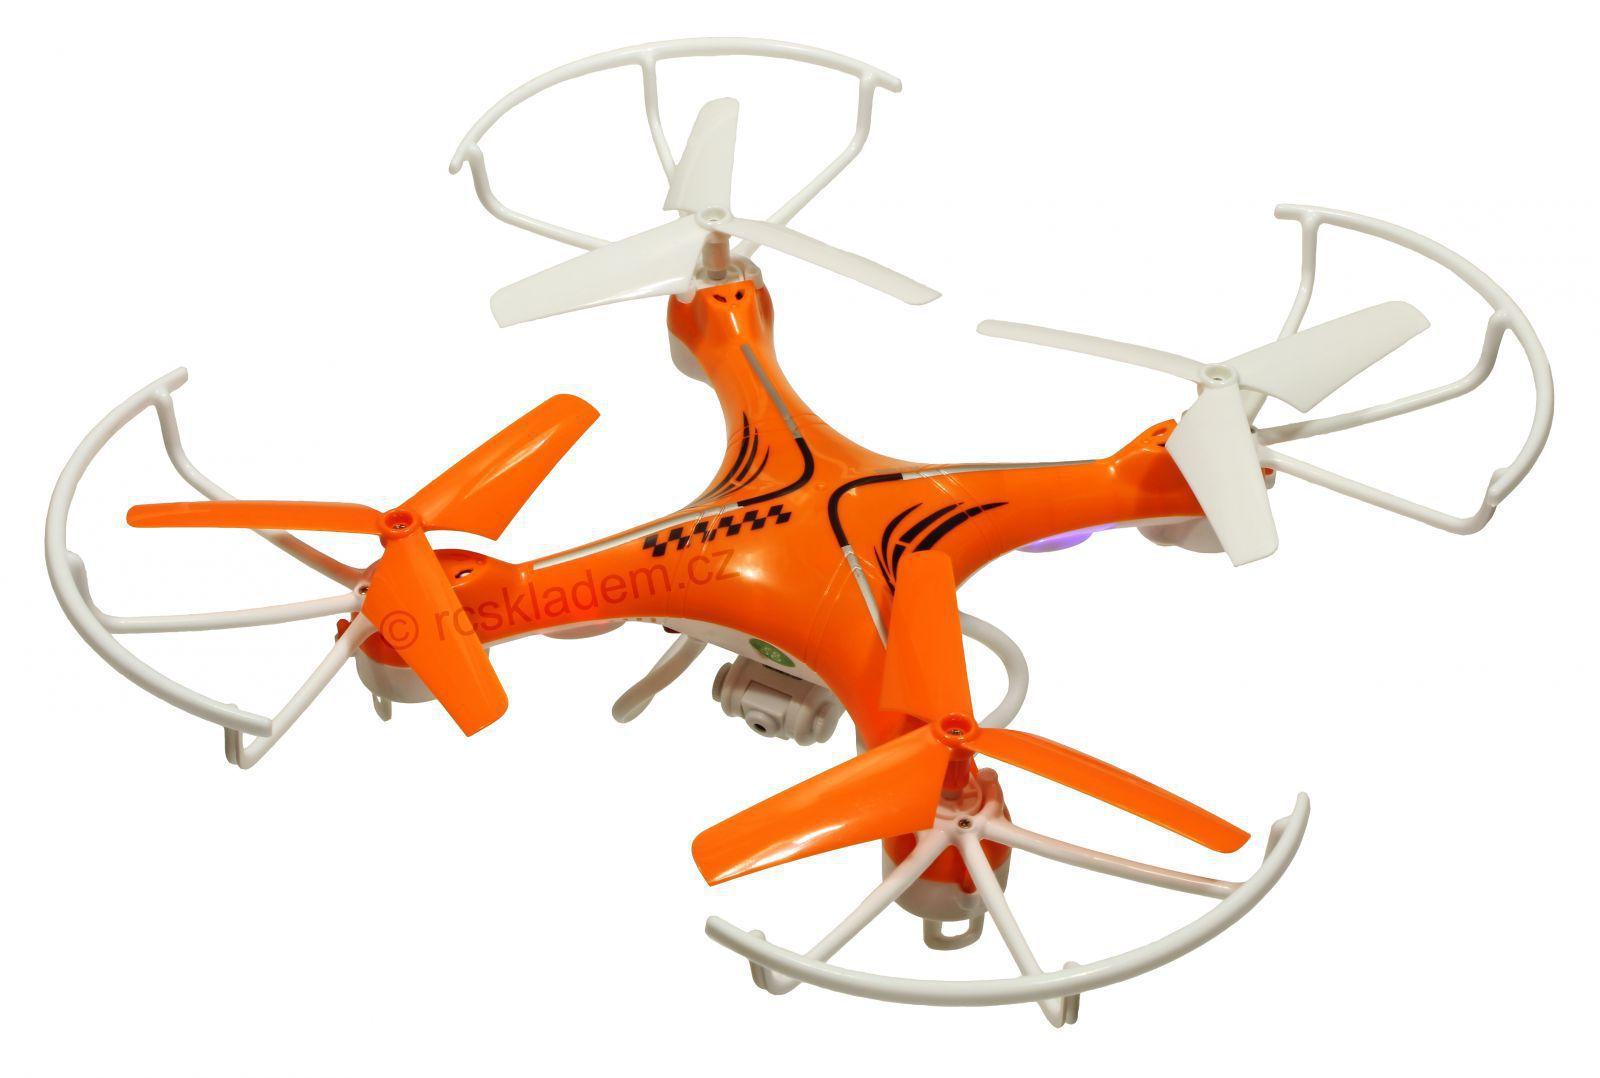 RCskladem, RCdarky, RC DRON, RC, Dron, RC modely, Dron s kamerou, Barometrický výškoměr, Skládací dron, dron GPS, dron Wifi, dron FPV, dron 720P, Dron Voyager s třílistými vrtulemi a kamerou